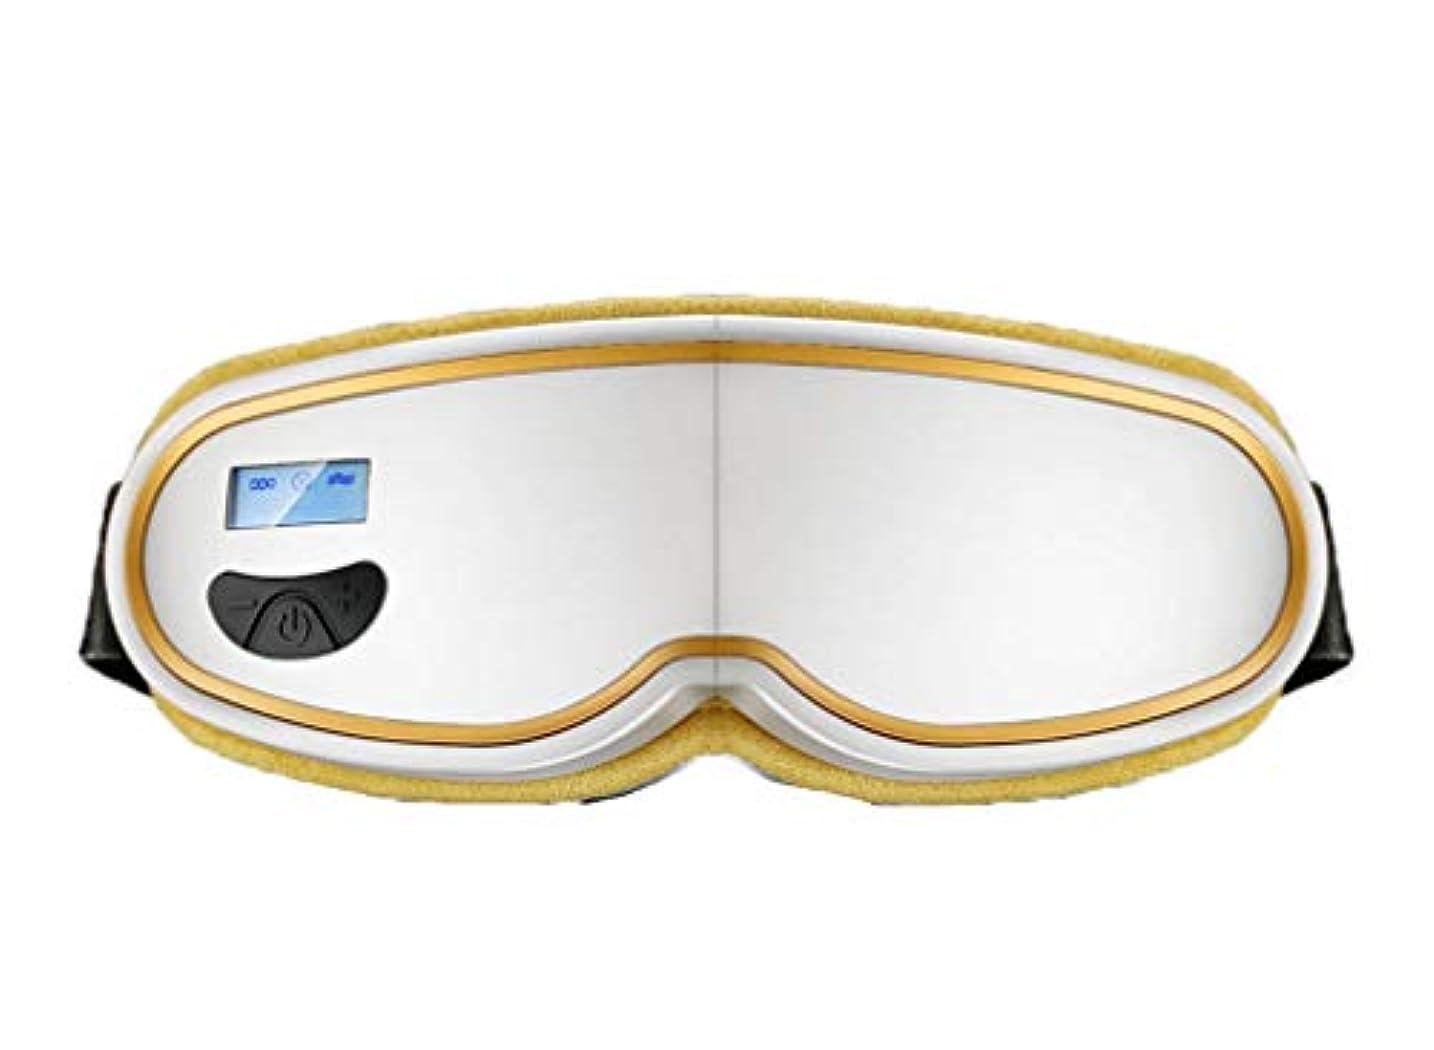 誘う受信機バンジージャンプ折り畳み式電動アイマッサージャー音楽頭痛ストレスリリーフ目空気圧、熱圧縮でリラックスします